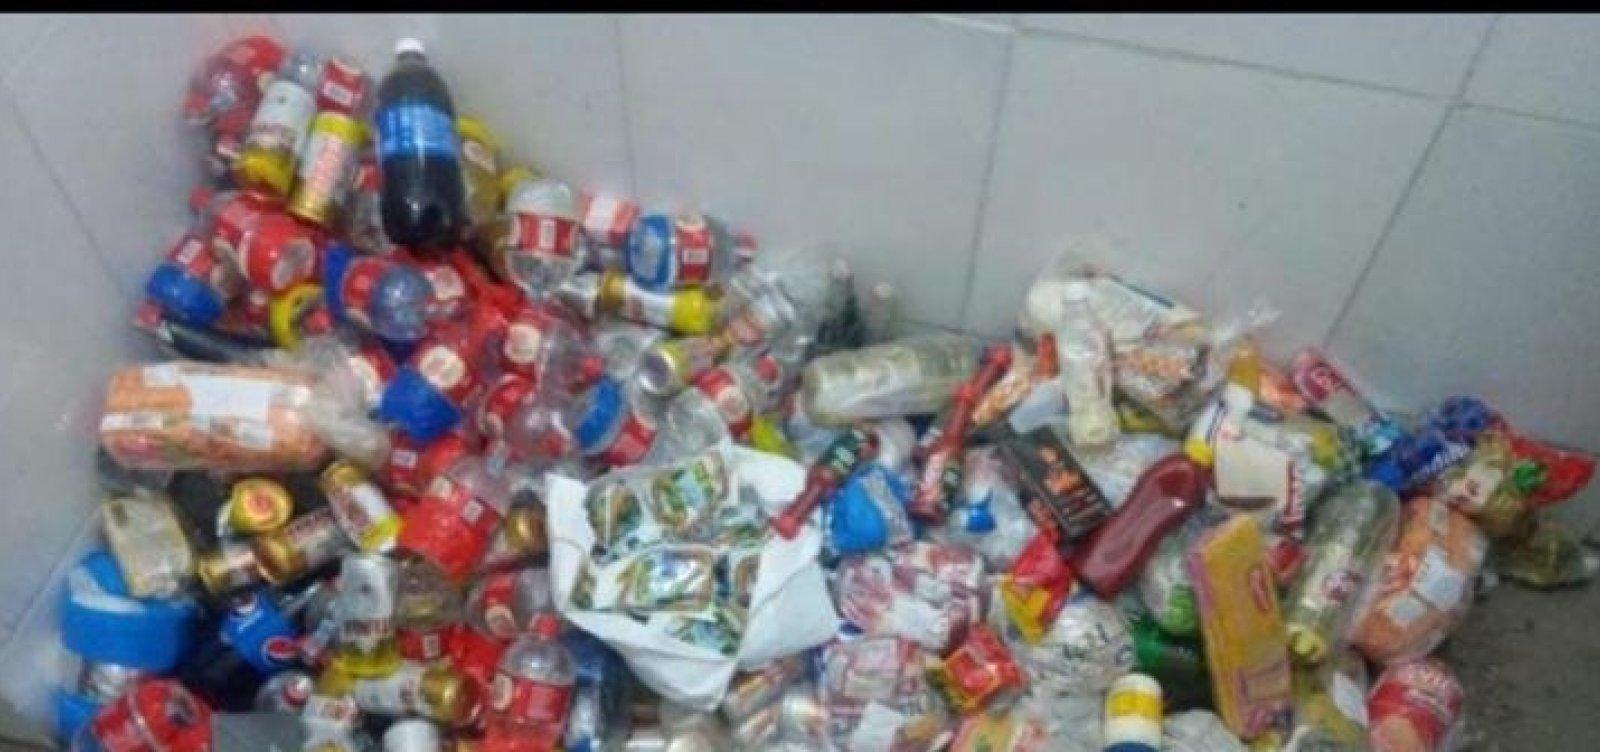 Polícia impede arremesso de 215 latas de cervejas para presos na Mata Escura